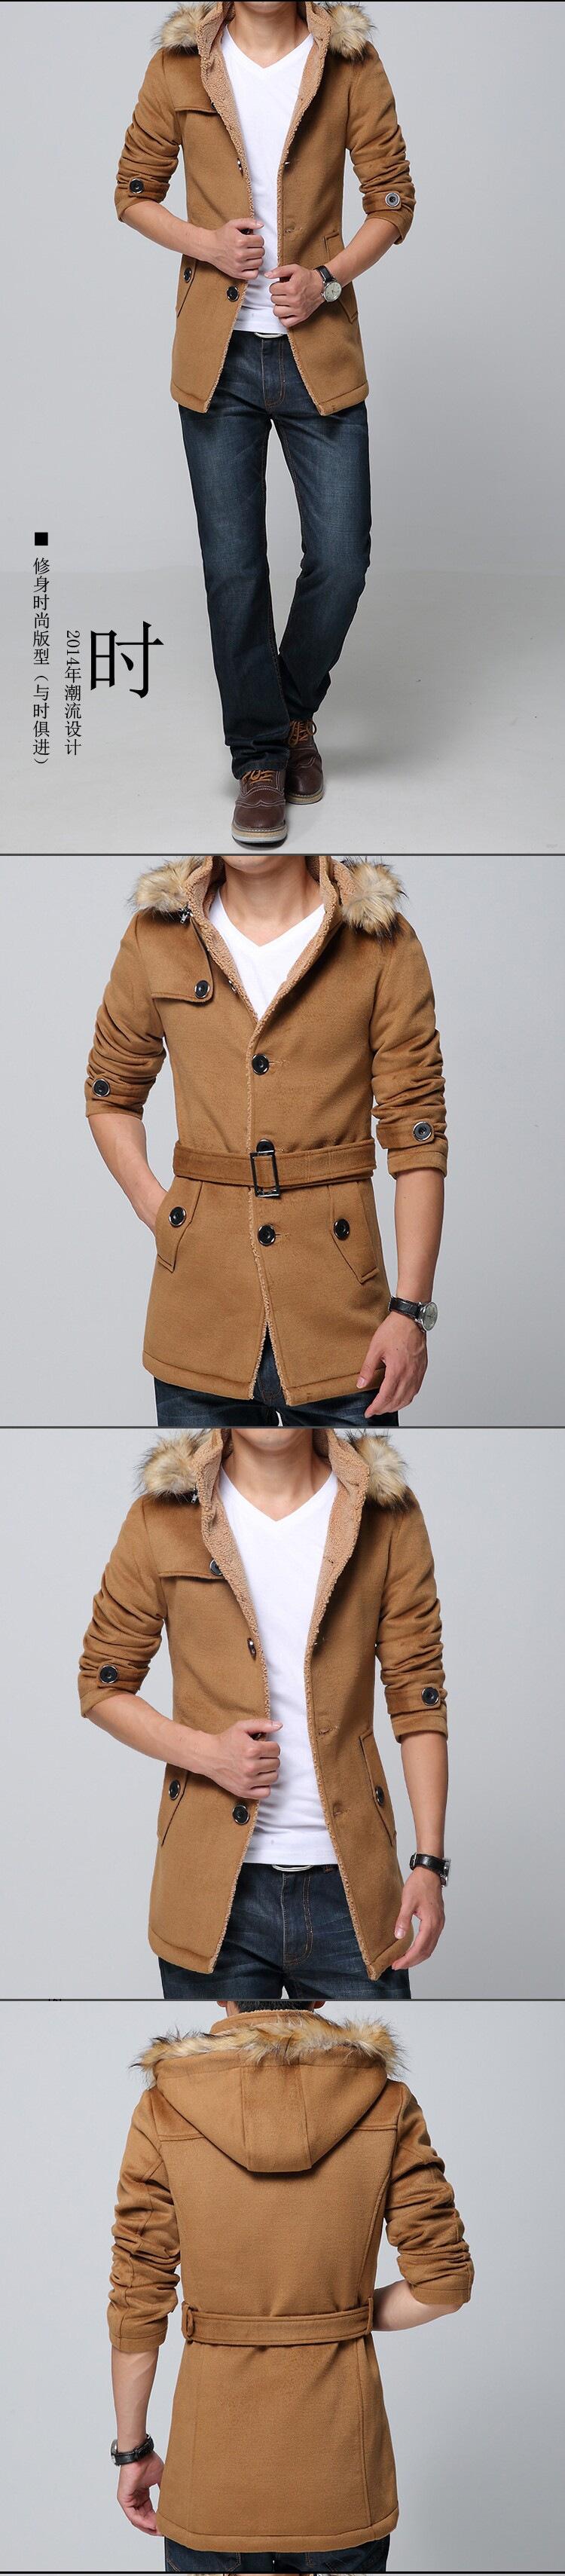 丹杰仕秋冬新款男装韩版修身男中长款毛领带帽毛呢大衣厚绒内胆保暖